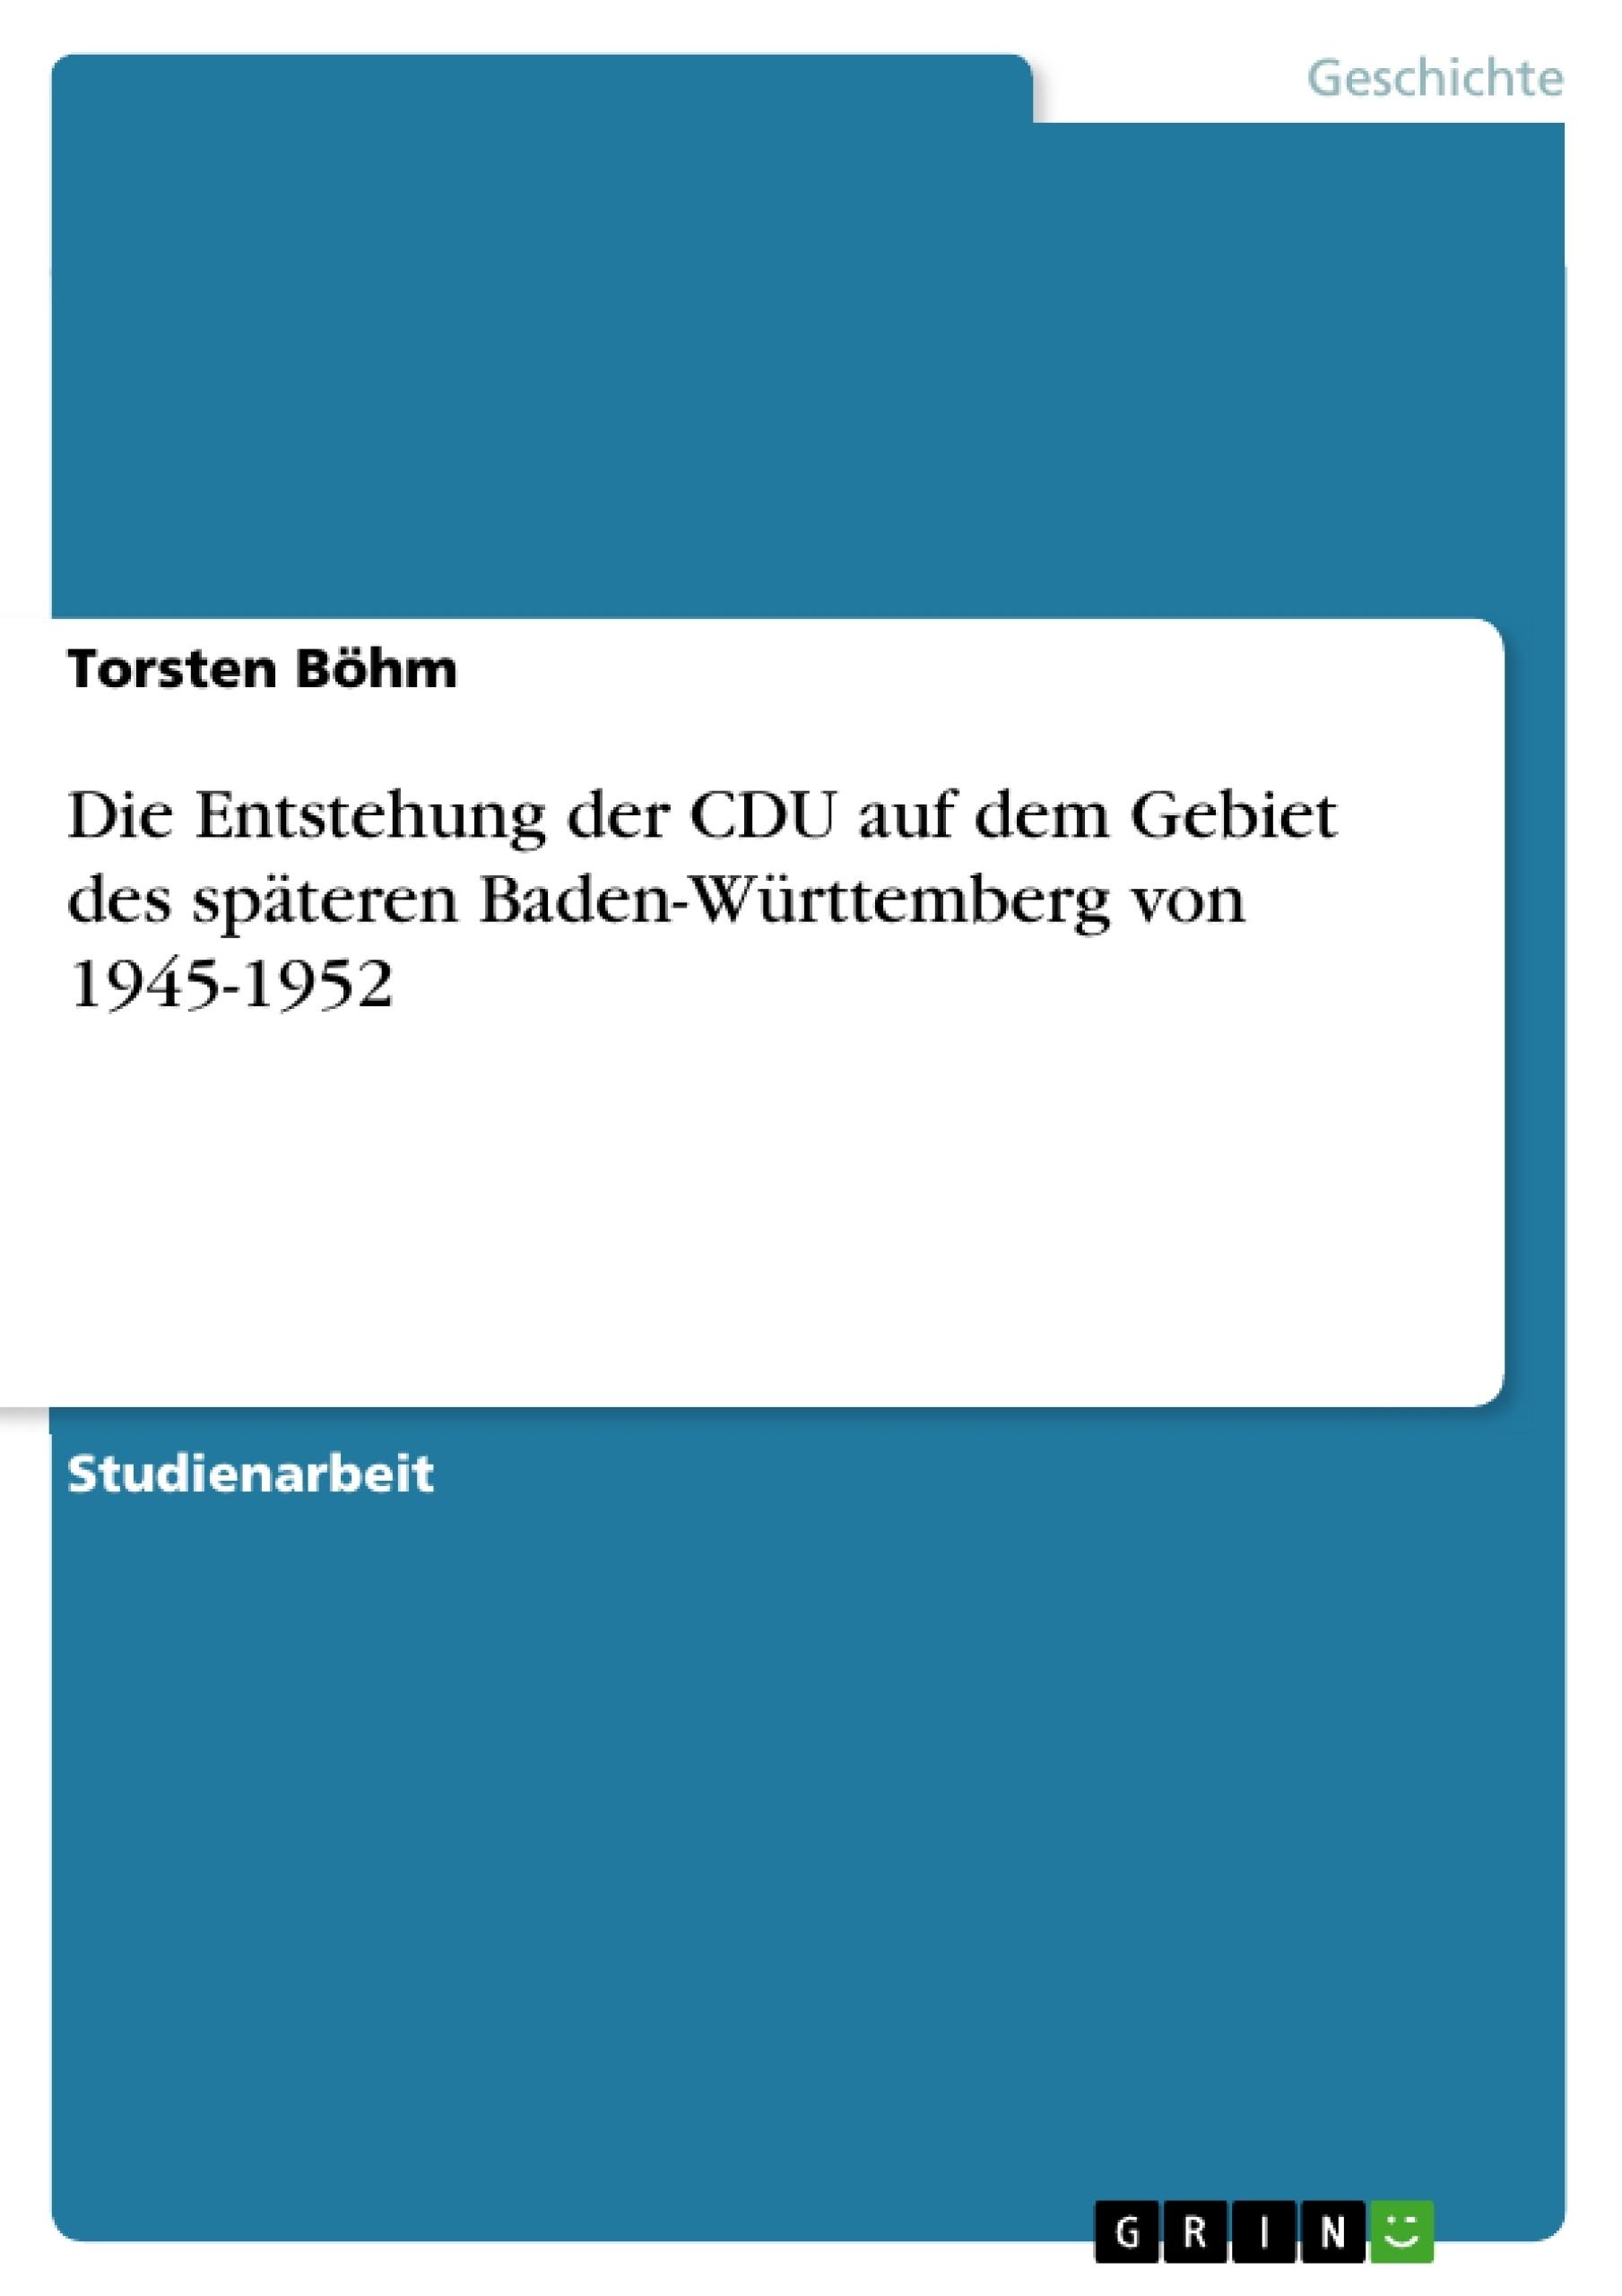 Titel: Die Entstehung der CDU auf dem Gebiet des späteren Baden-Württemberg von 1945-1952